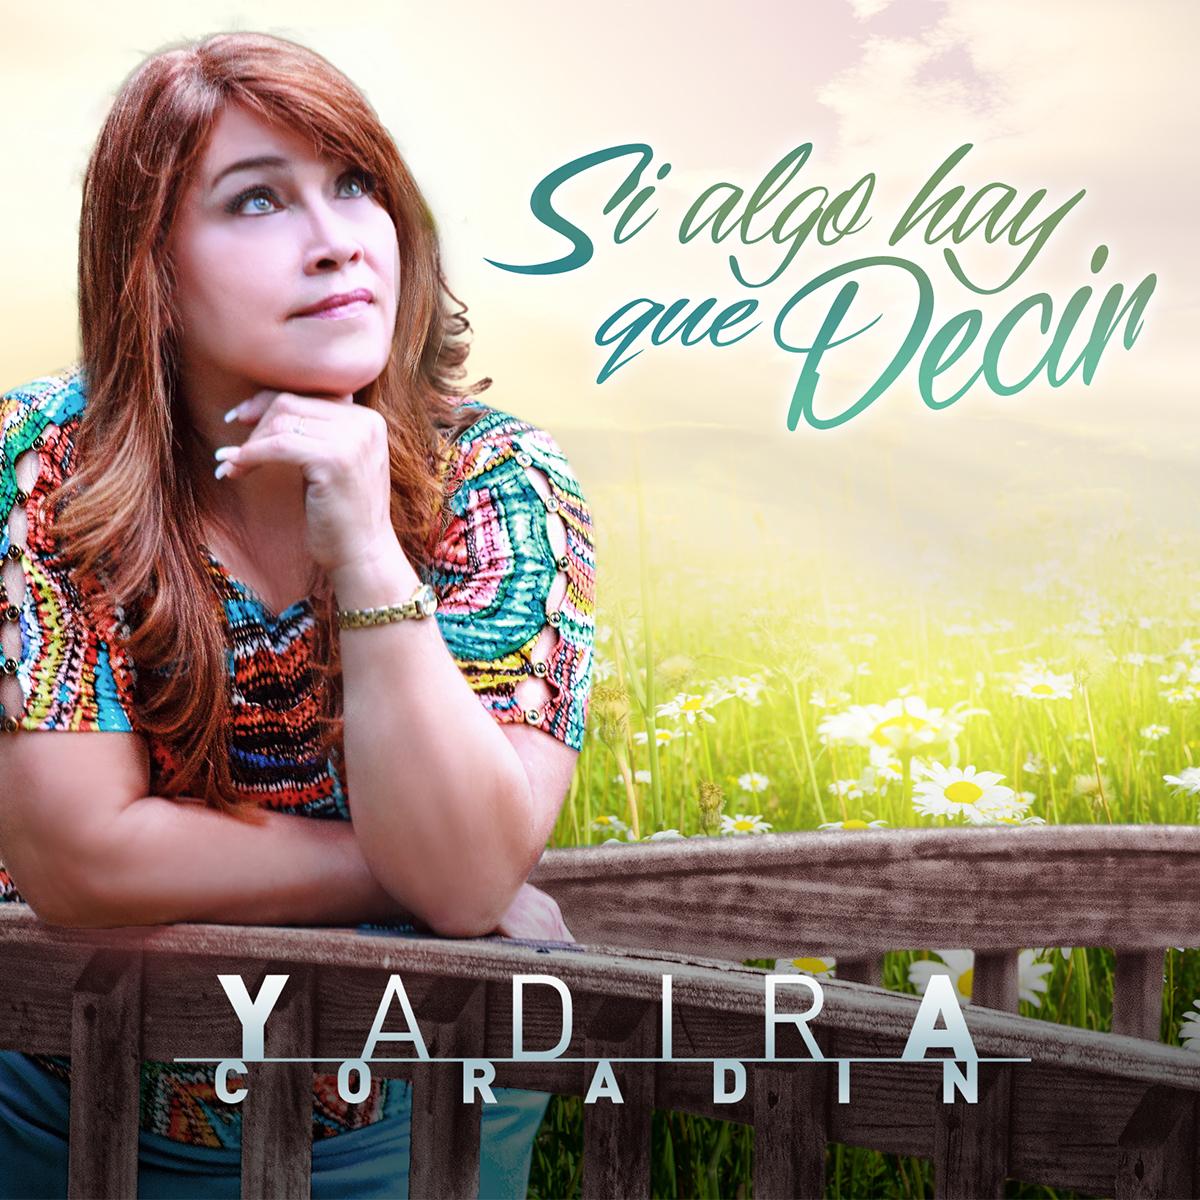 Yadira Coradín - Si algo hay que decir